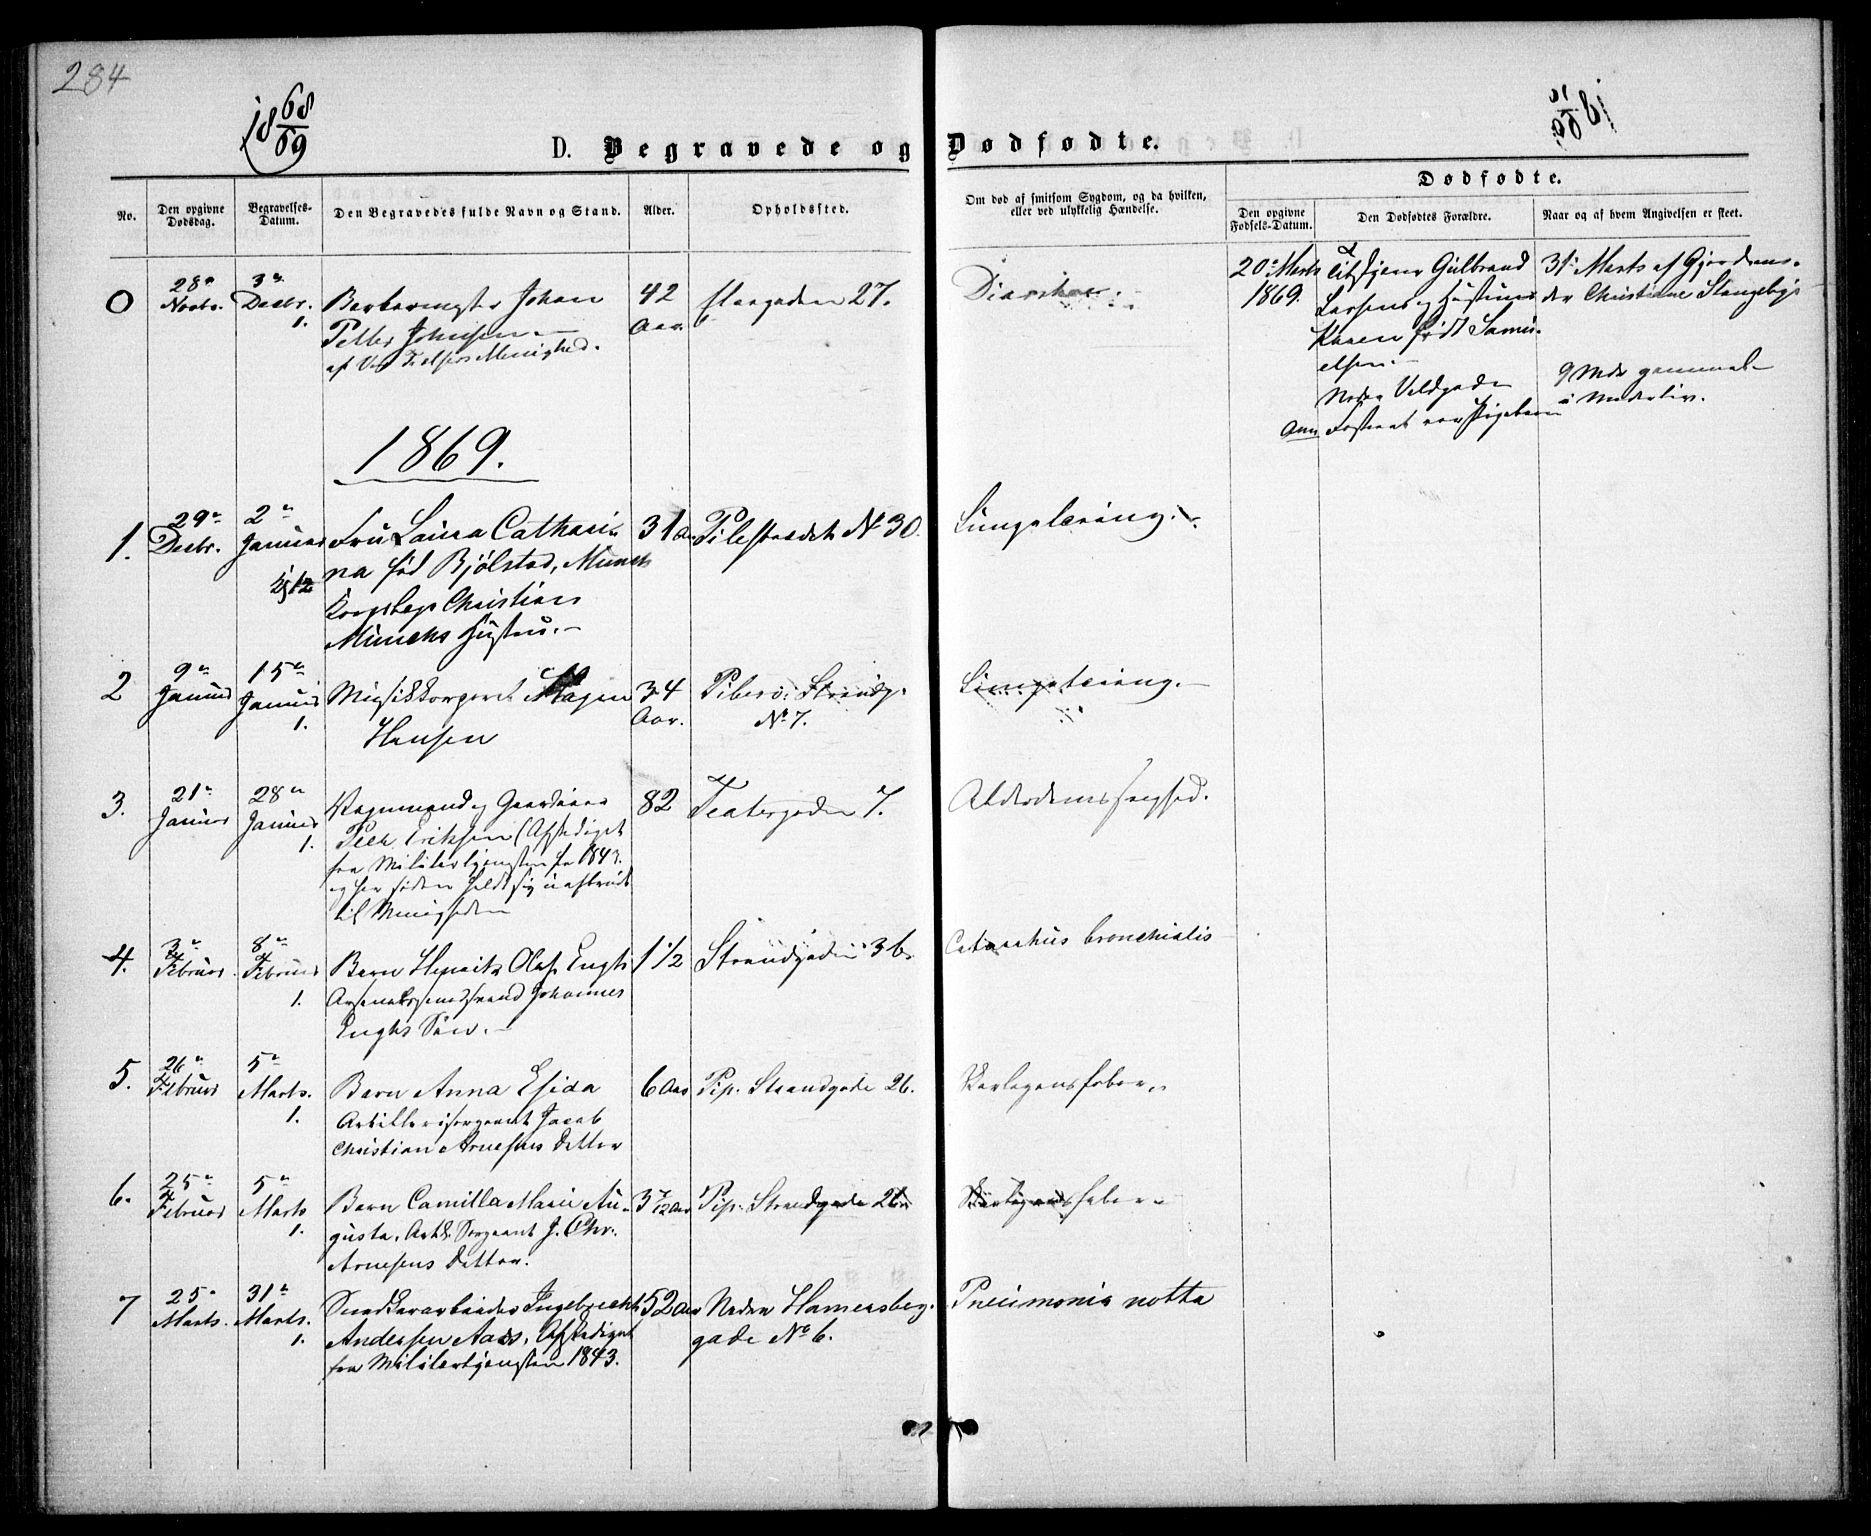 SAO, Garnisonsmenigheten Kirkebøker, G/Ga/L0006: Klokkerbok nr. 6, 1860-1880, s. 284